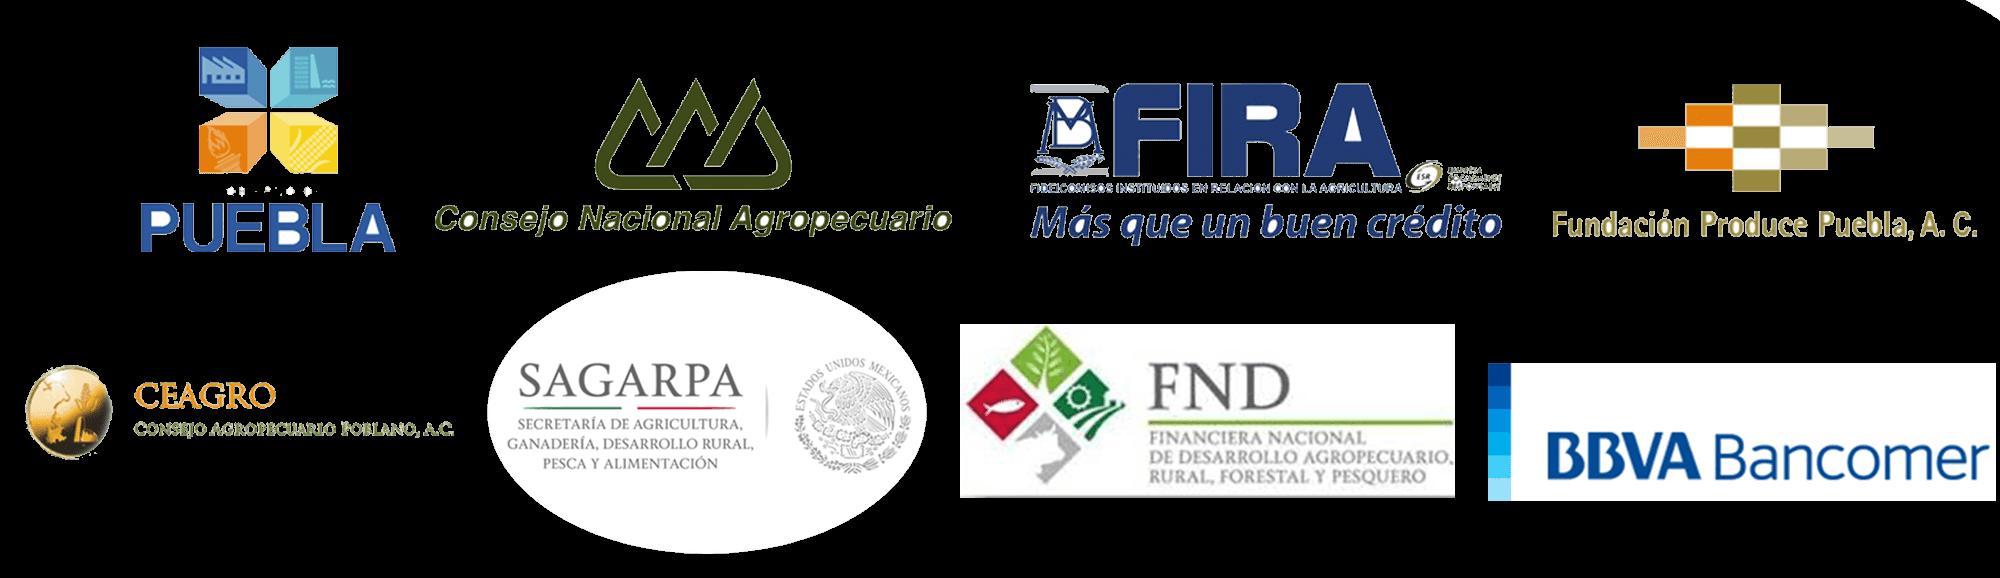 logos de apoyos